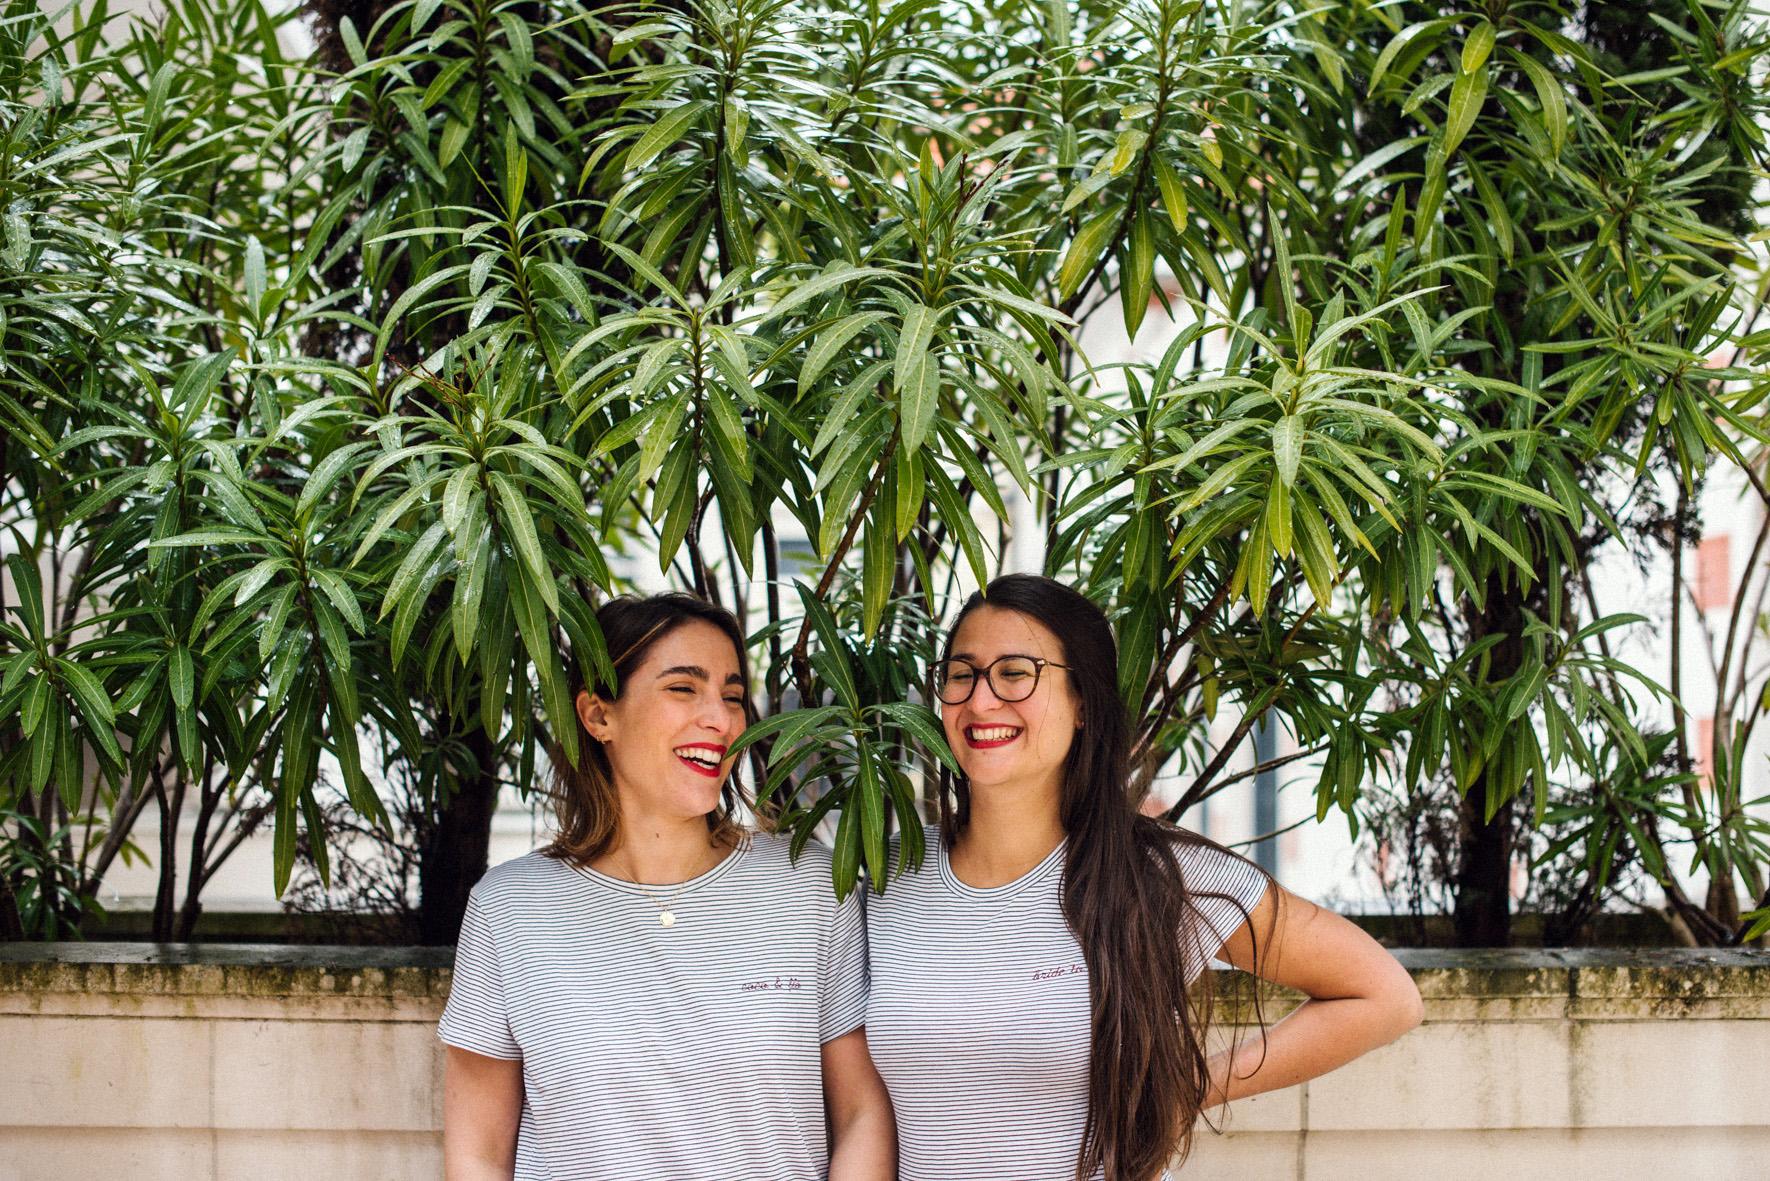 deux femmes rient devant un arbuste